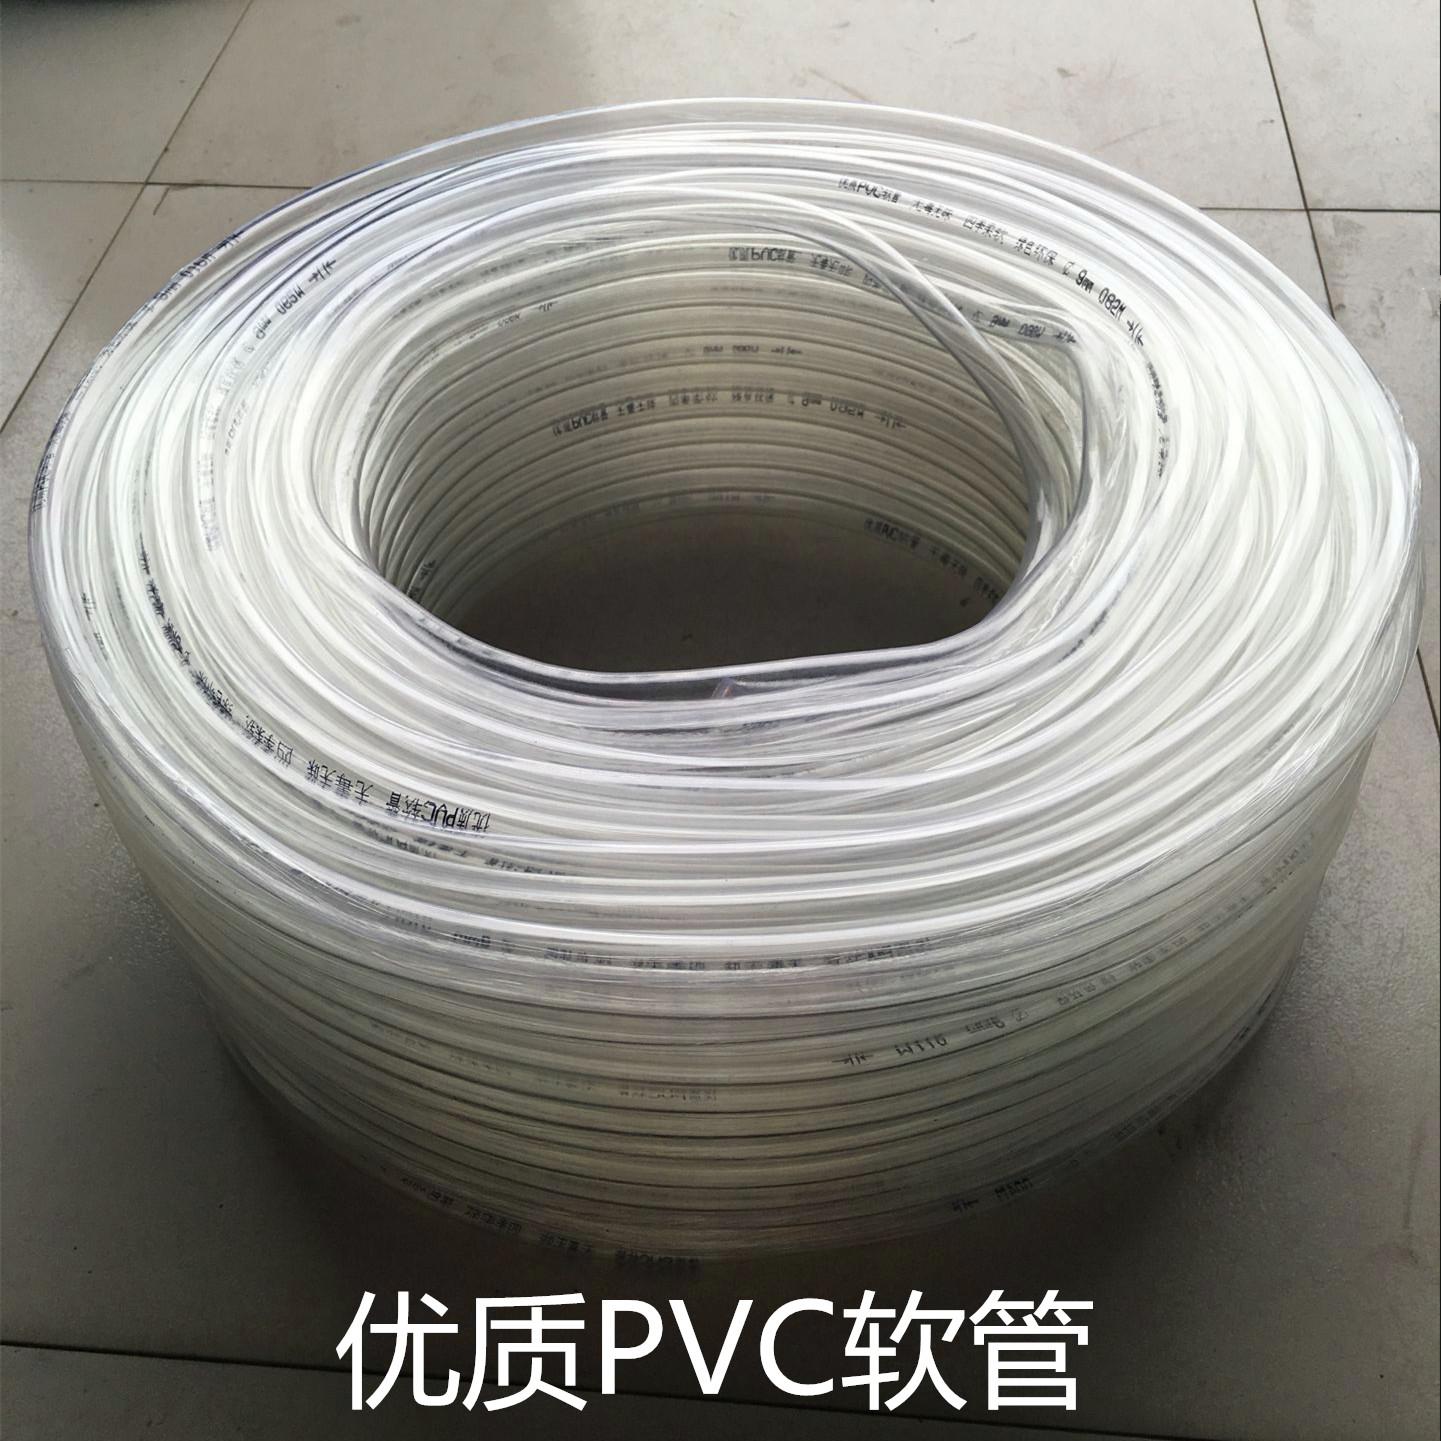 Неядовитый белый высокое качество PVC увеличение шланг солнечной энергии грелка монтаж трубы один один метр